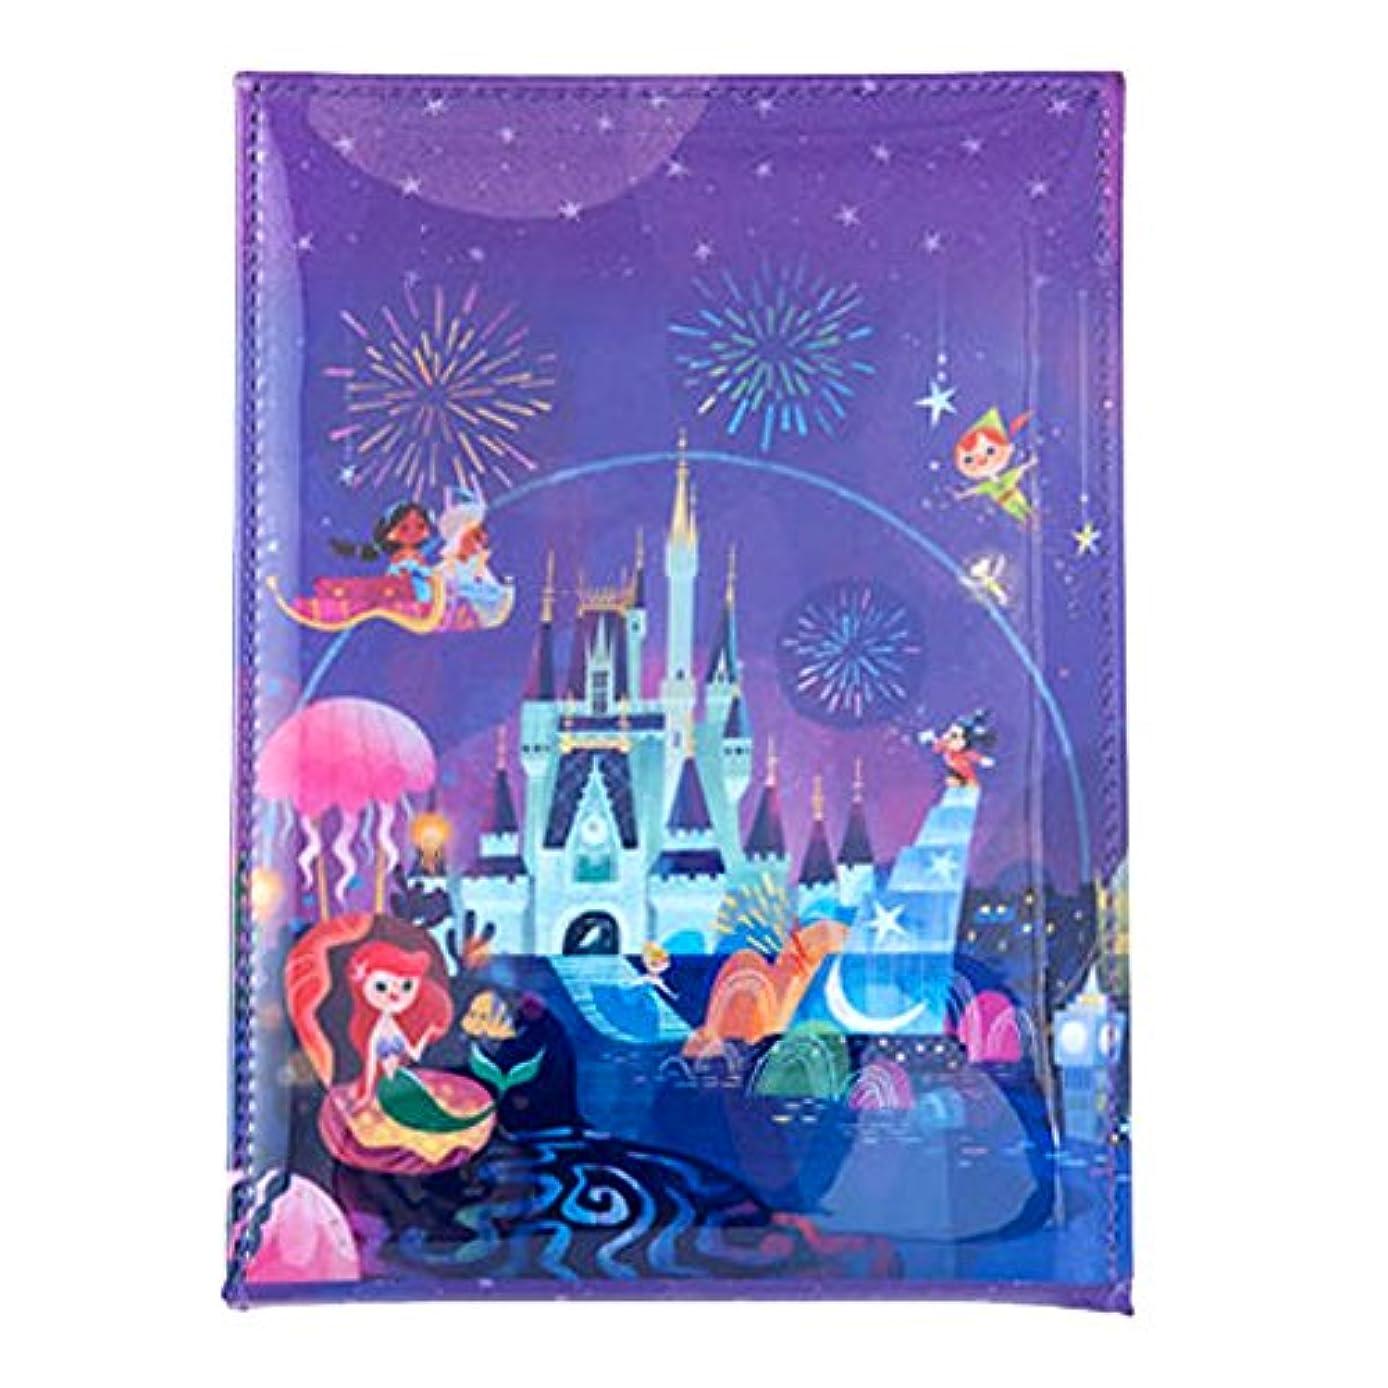 宇宙船ダーツ滞在夜空ファンタジー風 スタンド 式 ミラー ディズニー 鏡 ミッキー アリエル 他 セレブレーションホテル デザイン リゾート 限定